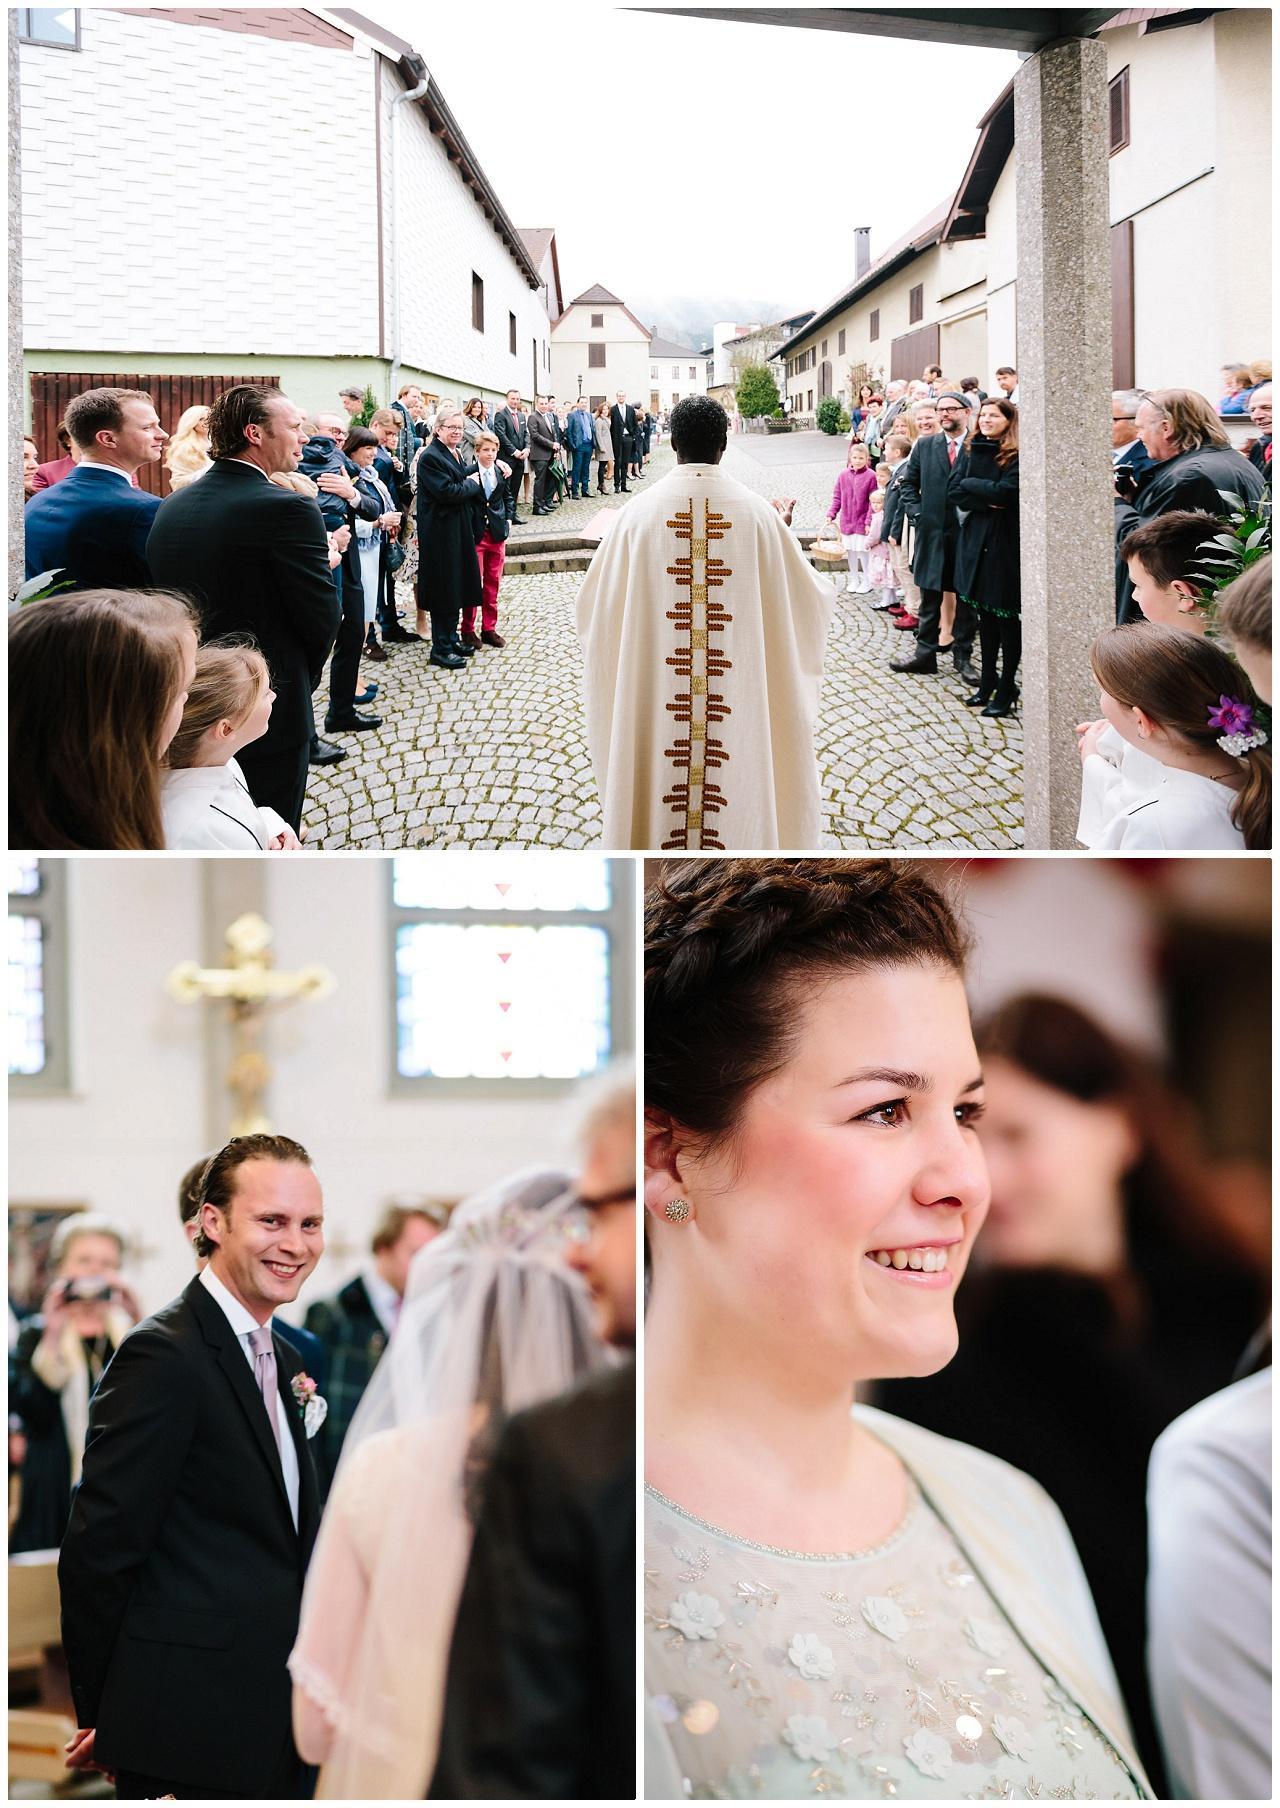 Hochzeitsfotograf Attersee Hochzeit Michaela und Andreas 06